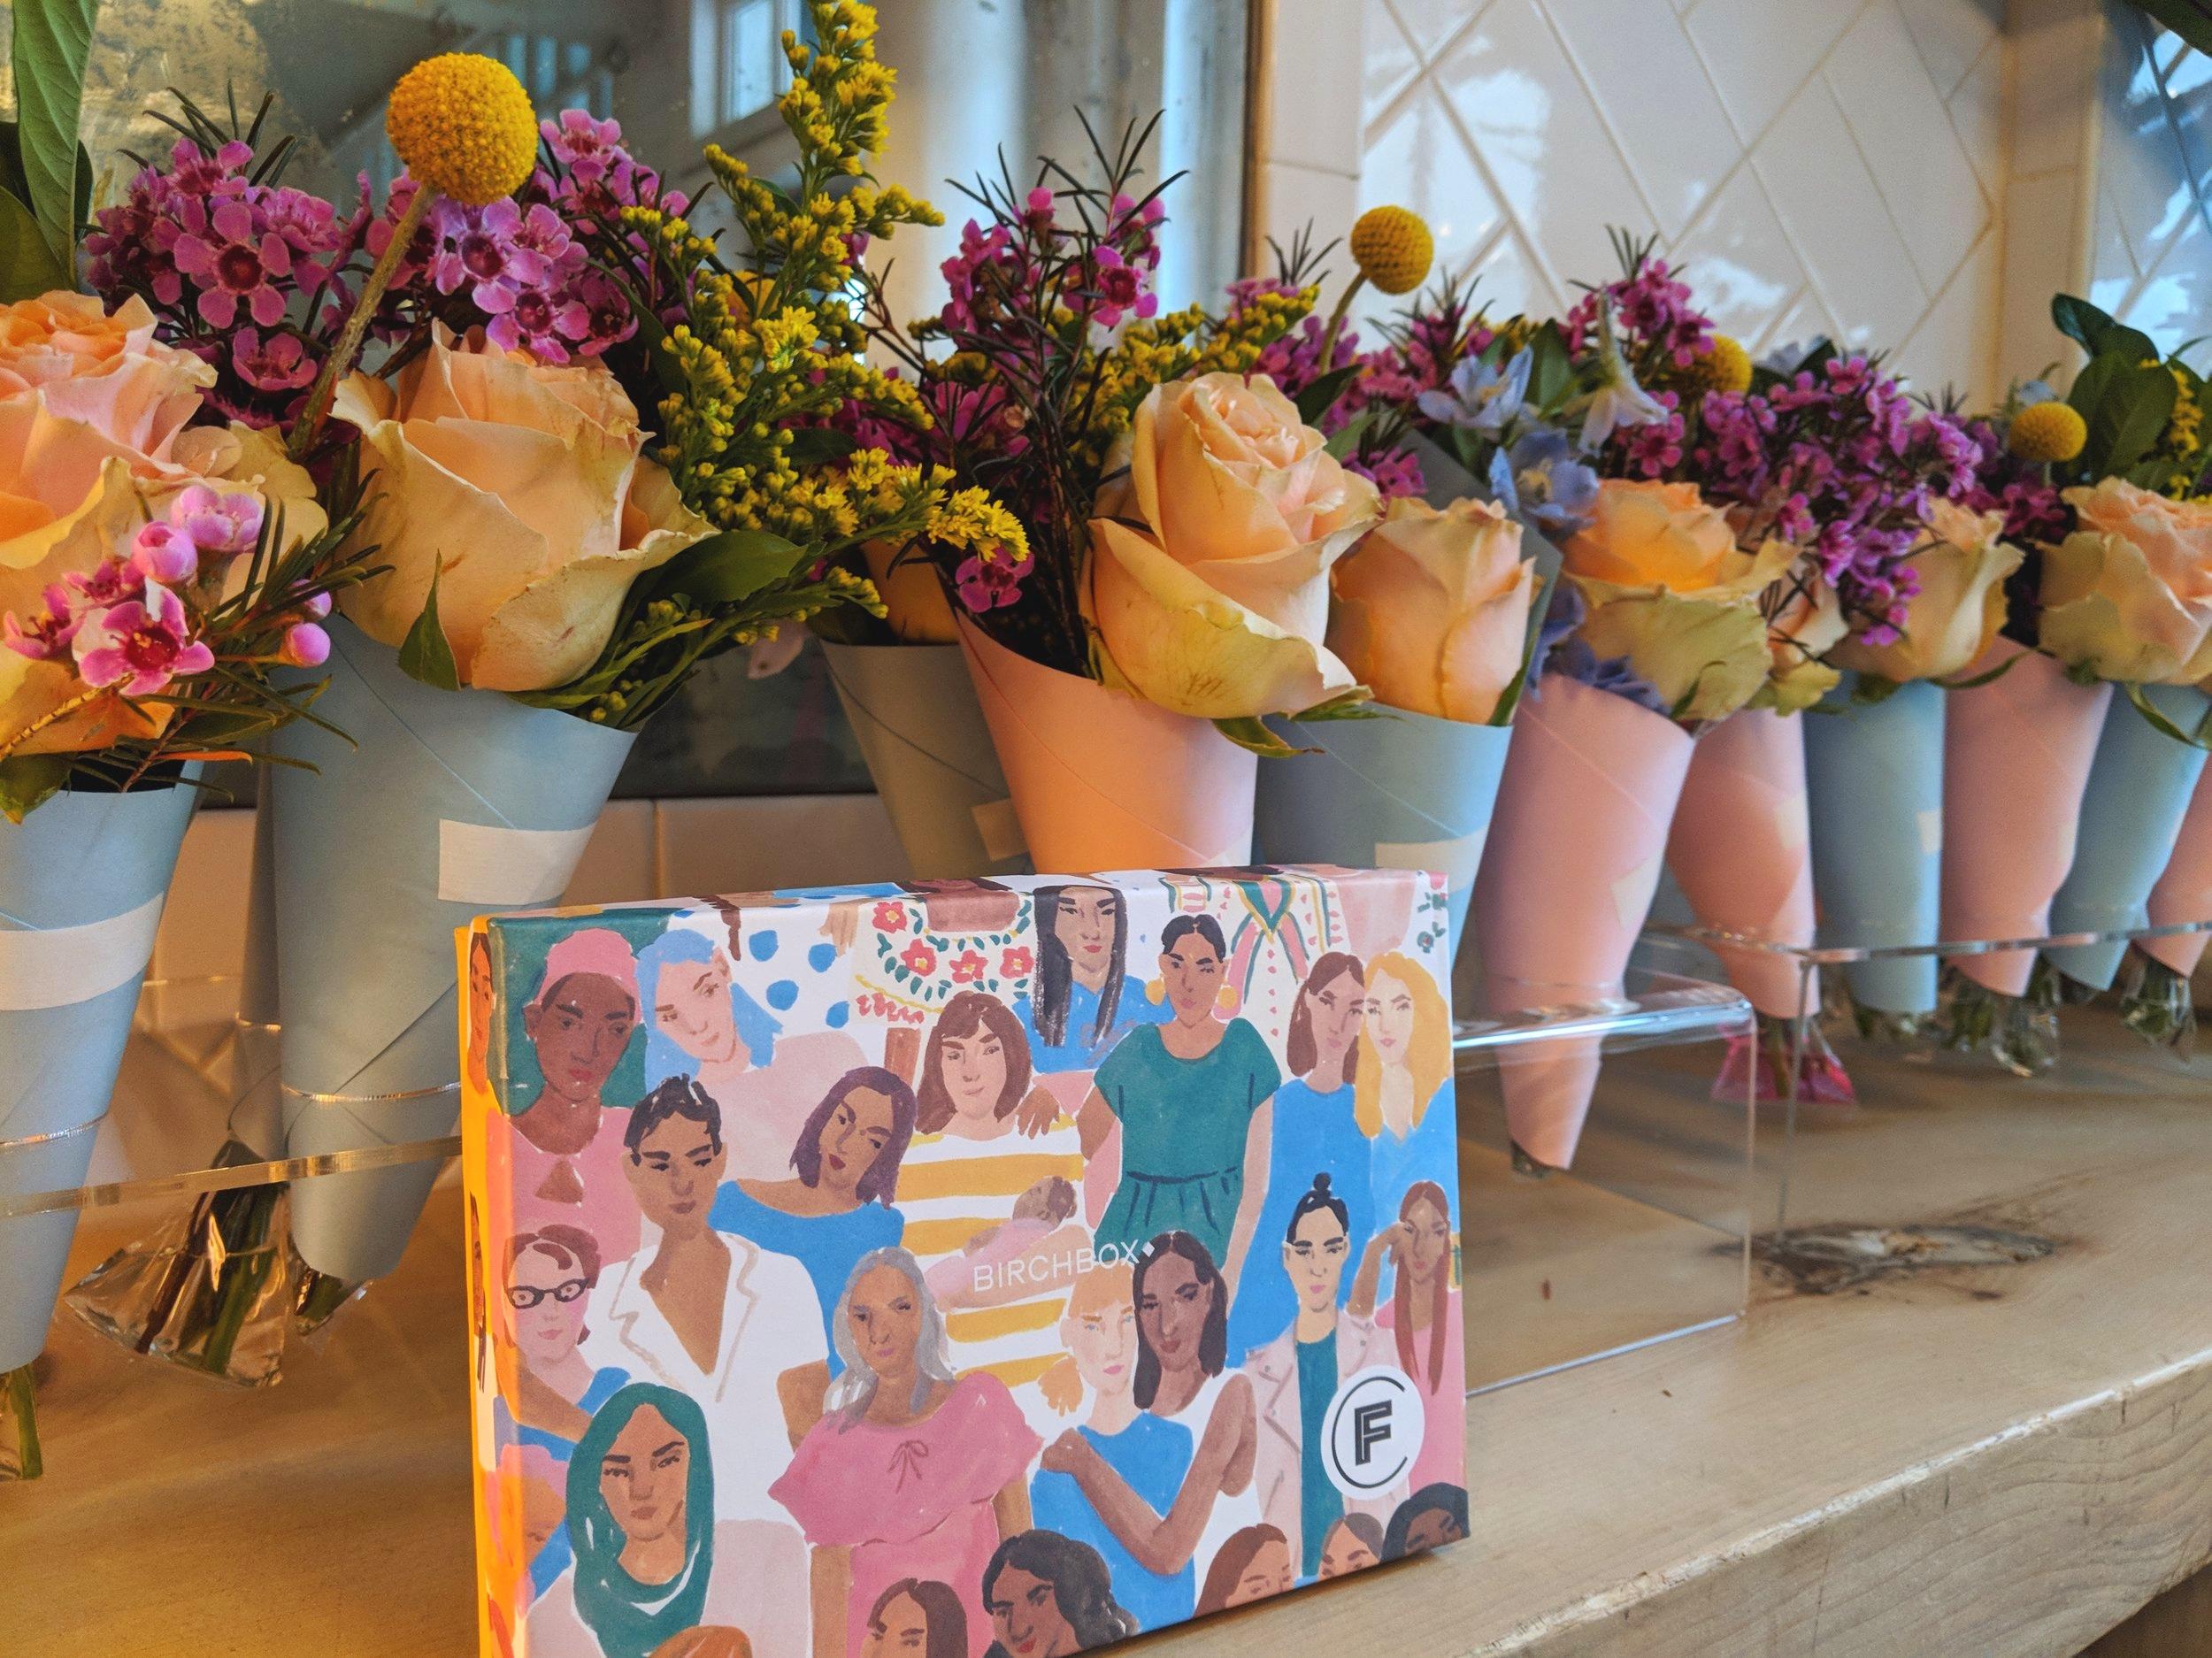 Birchbox x Rebecca Minkoff Mini Bouquet Bar